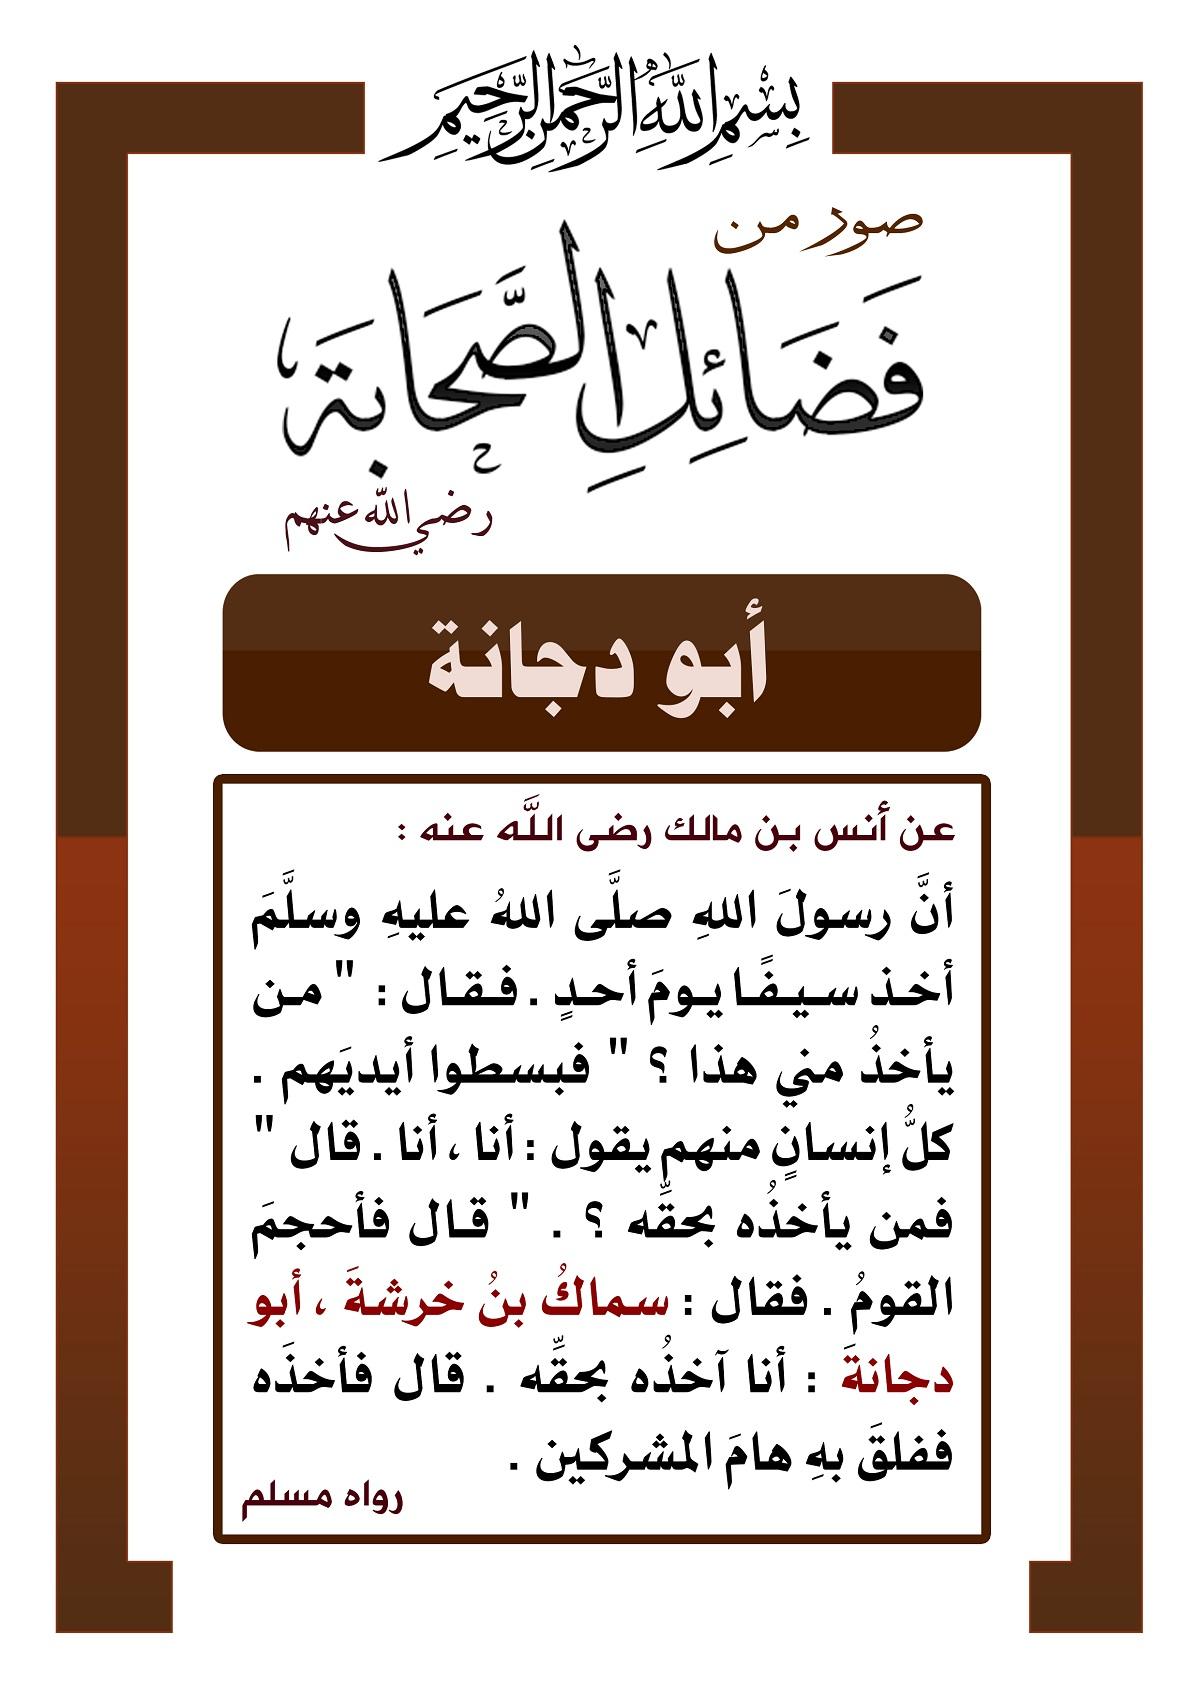 تصميم لفضل اسم أبو دجانة